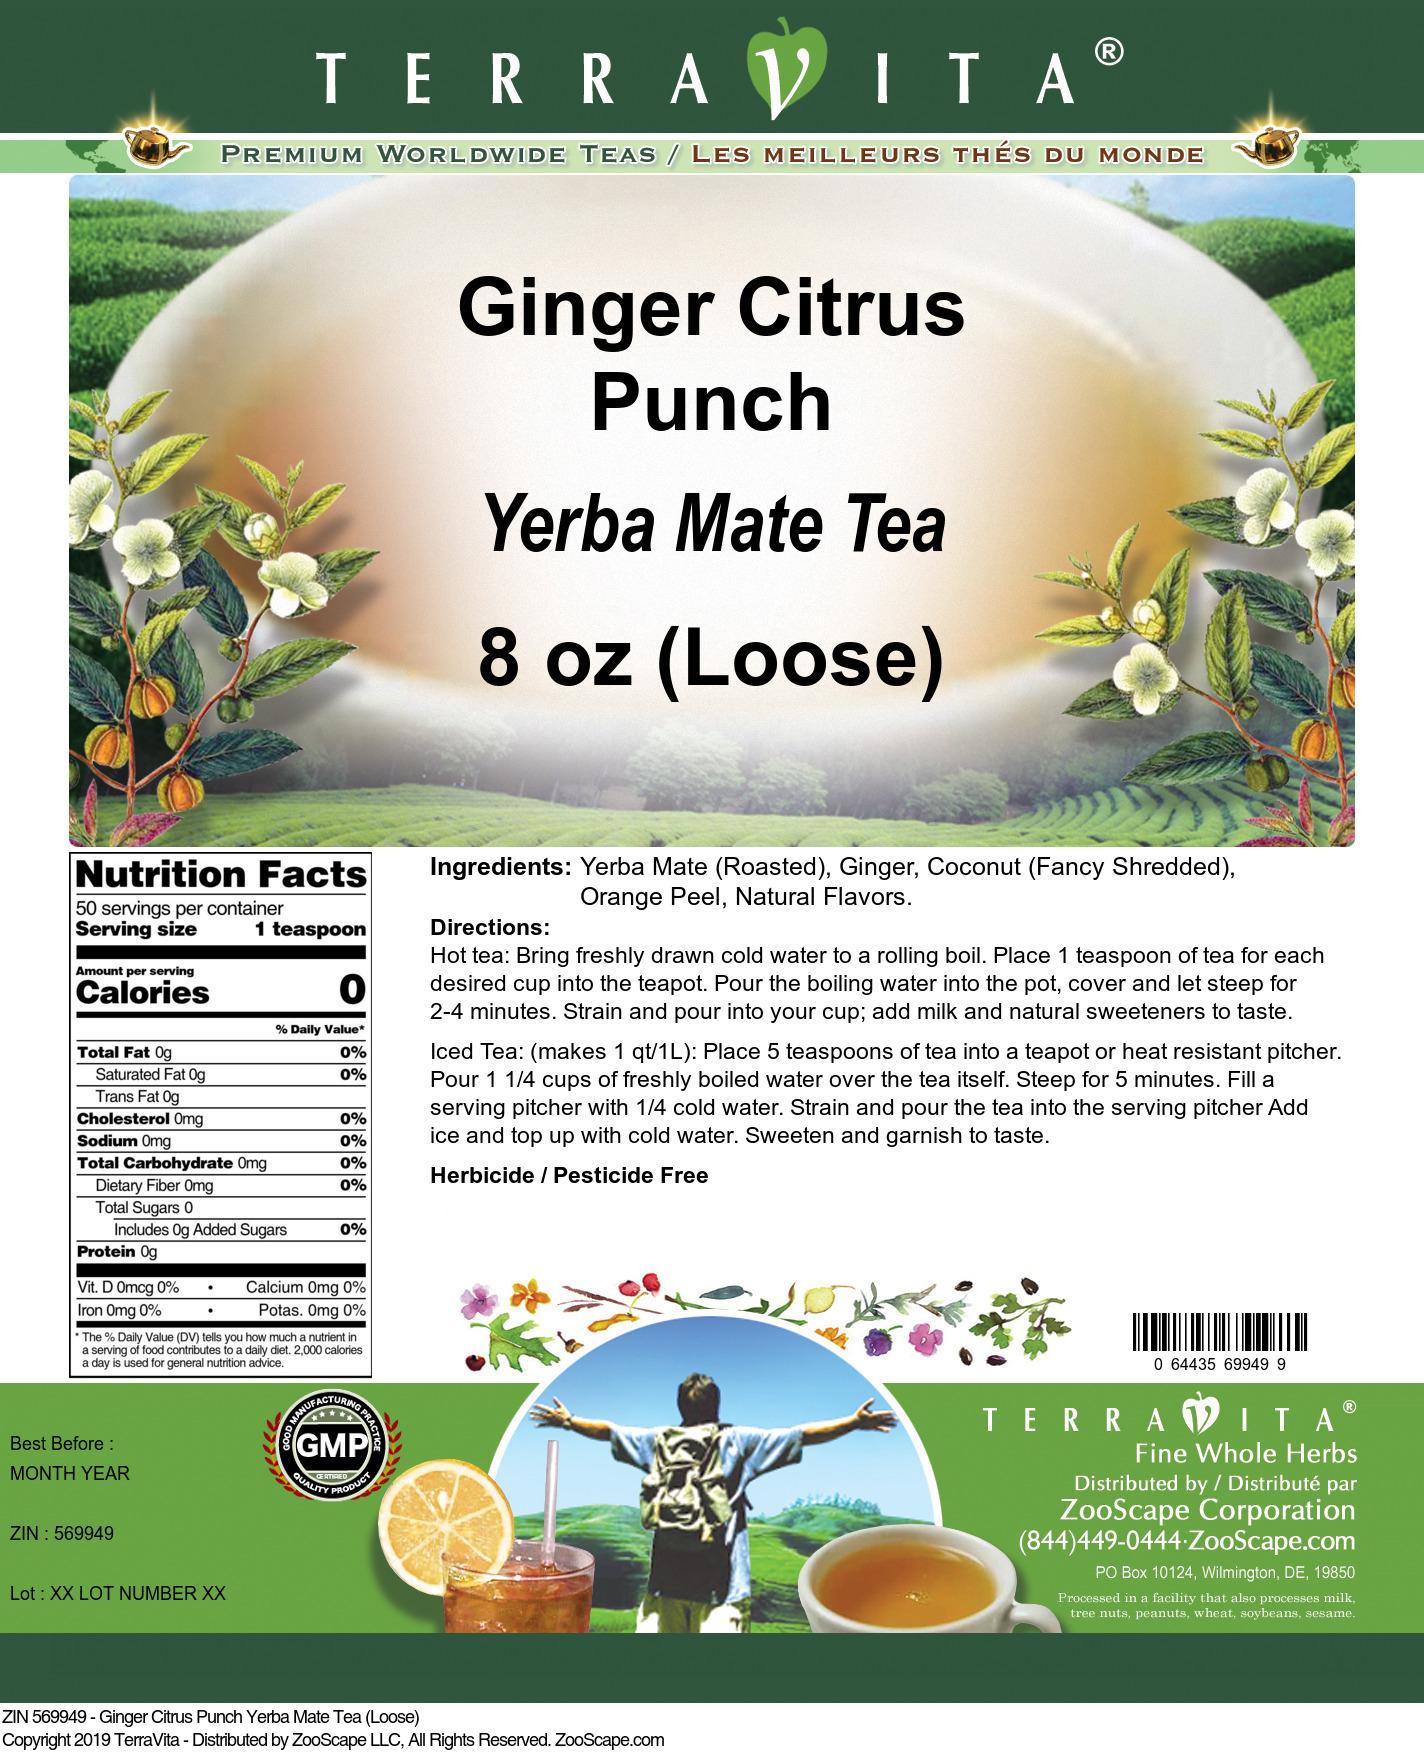 Ginger Citrus Punch Yerba Mate